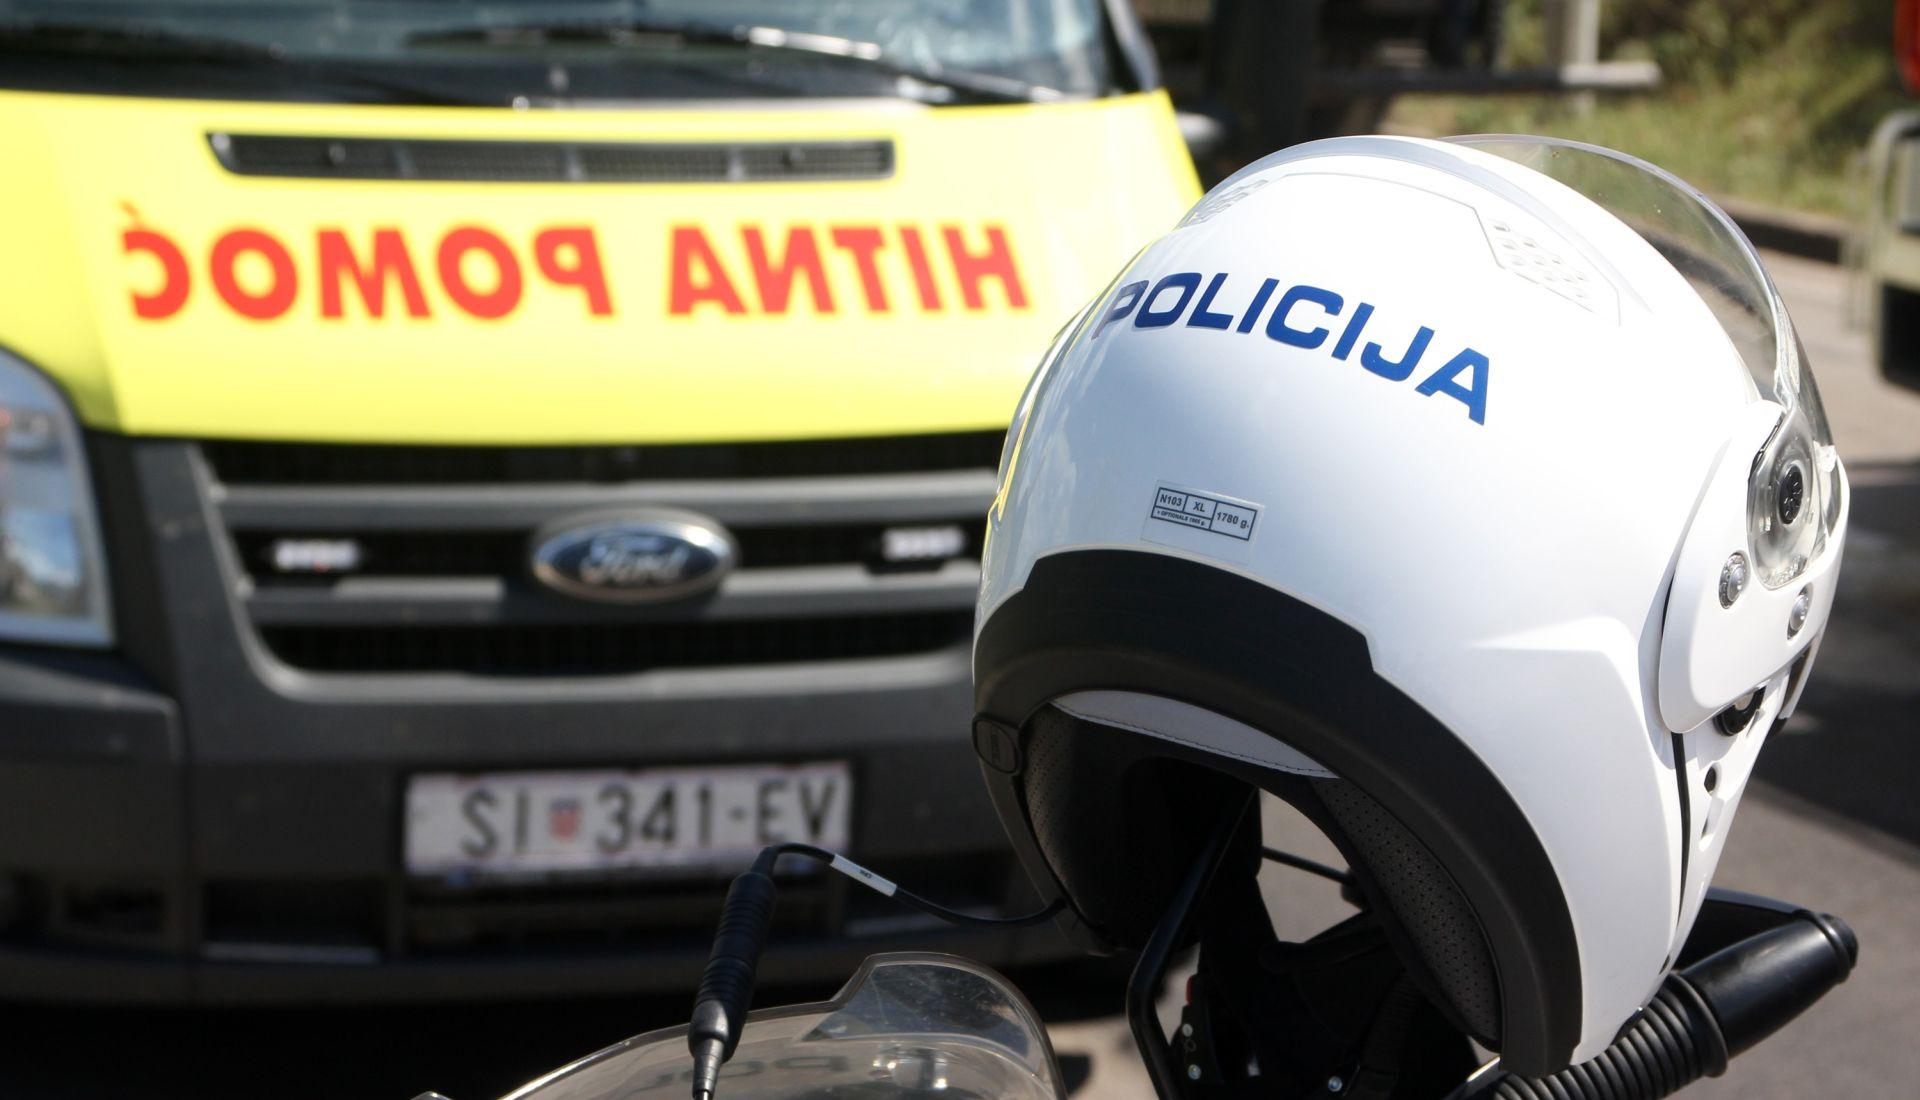 TEŠKA PROMETNA NESREĆA NA A1 Poginula 21-godišnja vozačica, teško ozlijeđen suvozač (31)